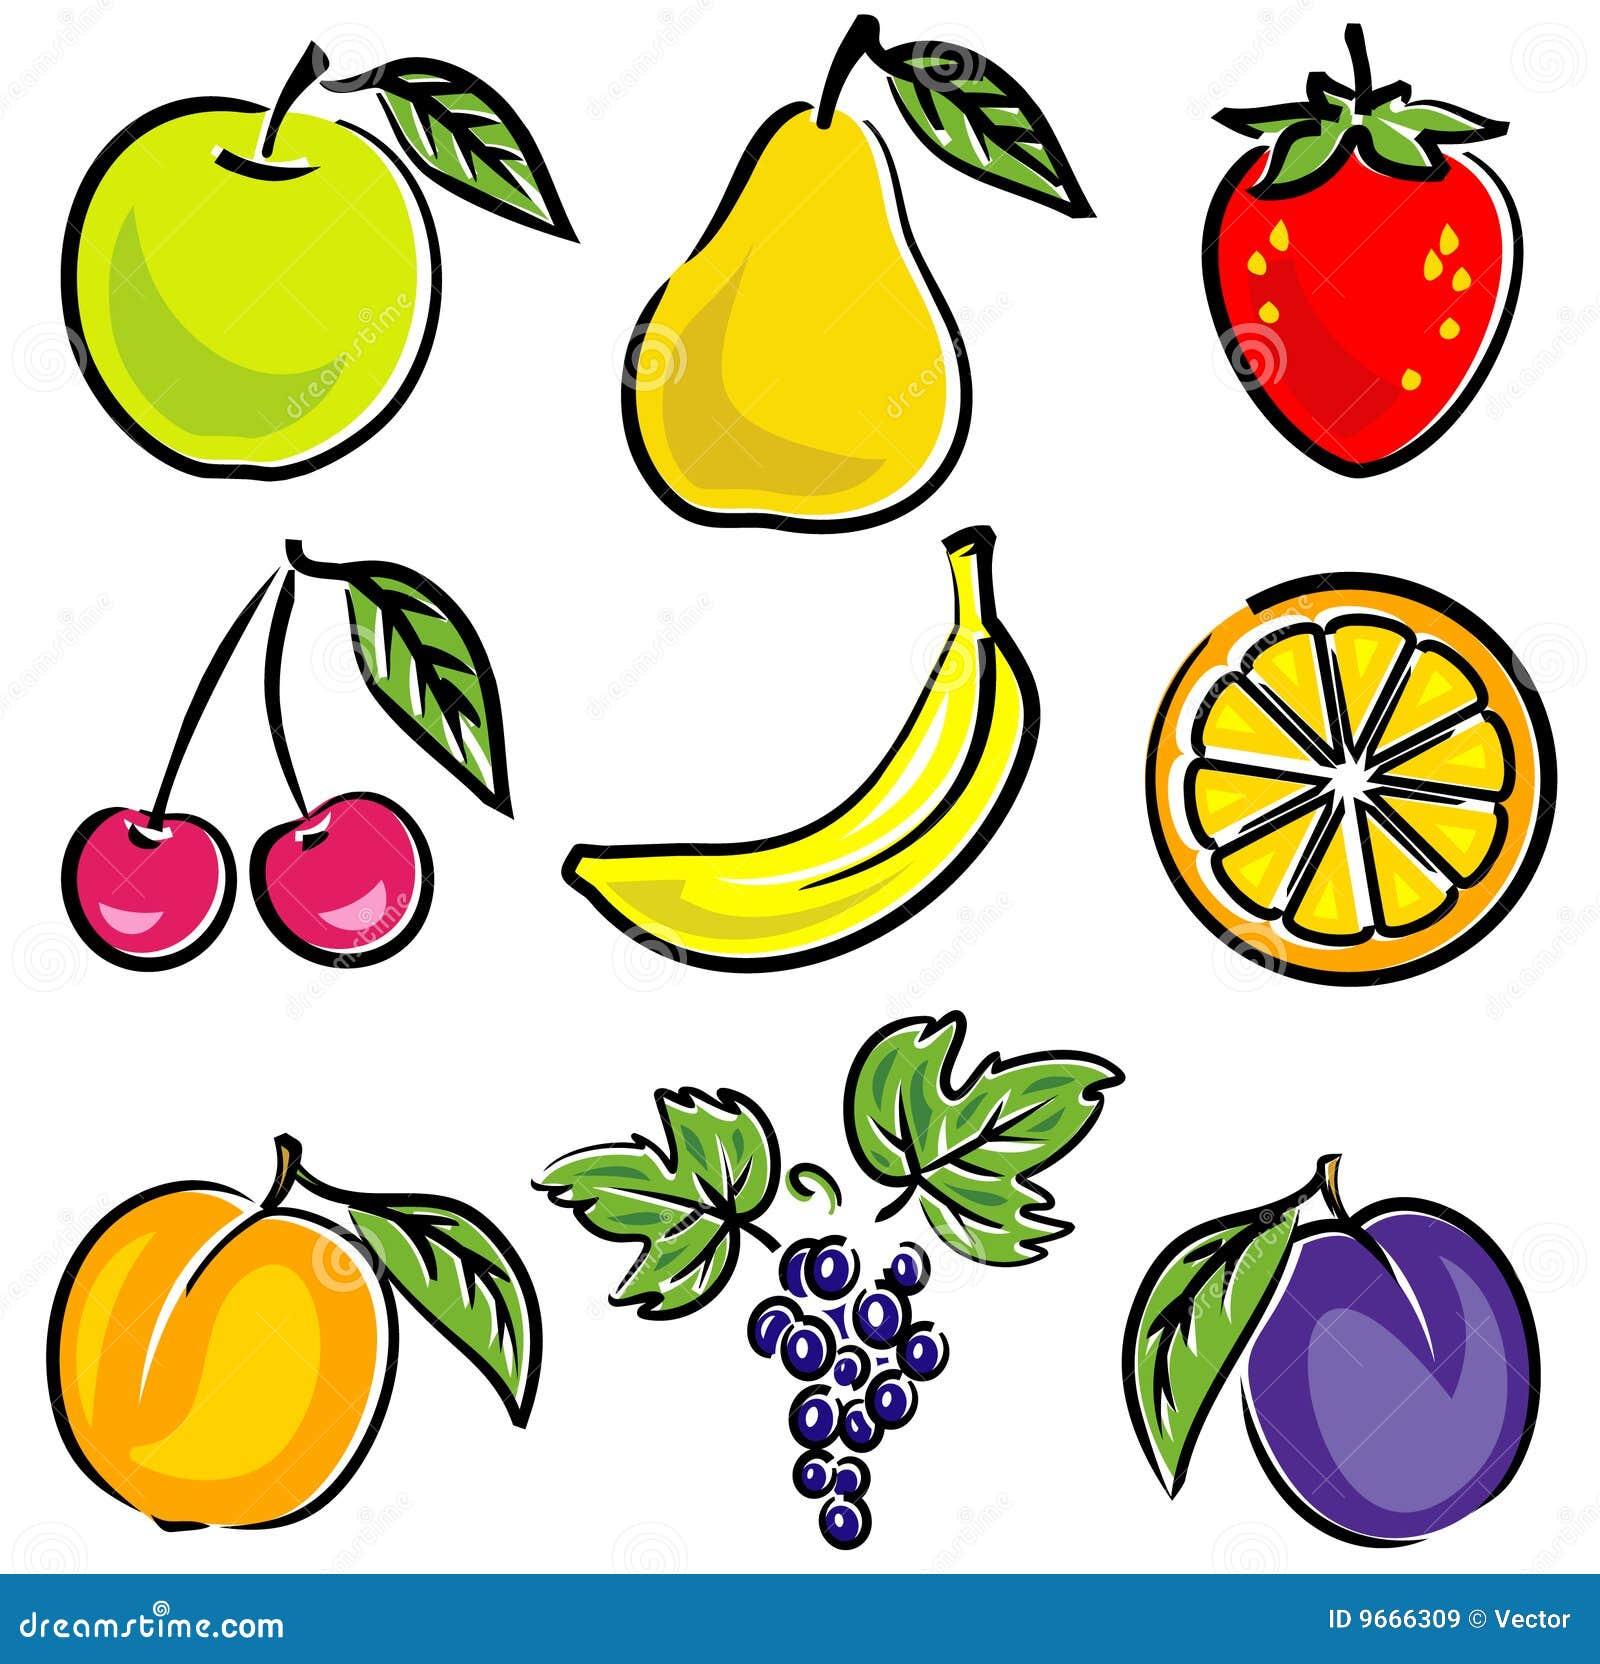 De VectorIllustratie van vruchten